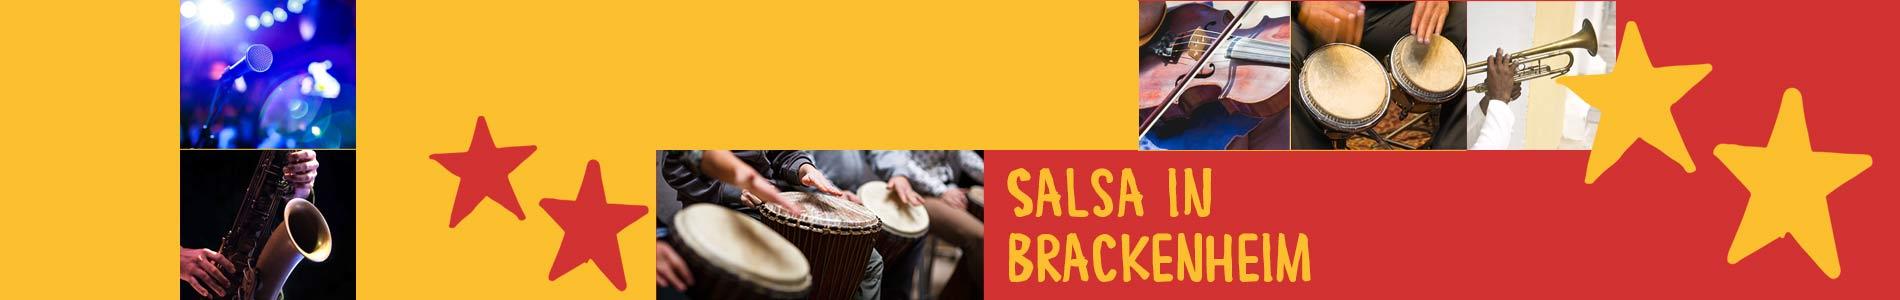 Salsa in Brackenheim – Salsa lernen und tanzen, Tanzkurse, Partys, Veranstaltungen